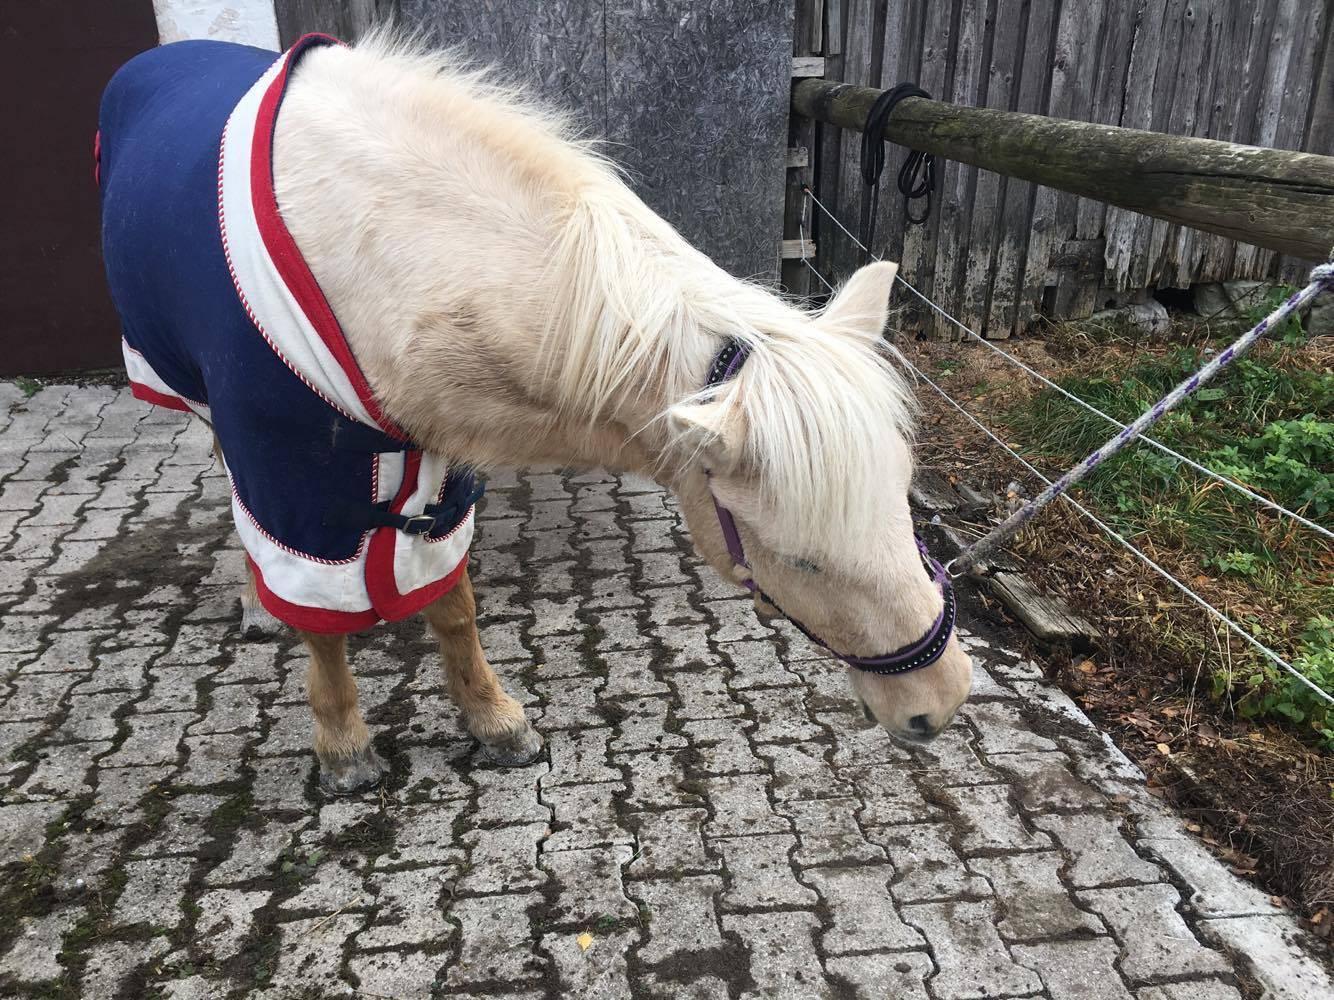 Pferde-Zahnarzt-Islandpferde-Blog-Pferd